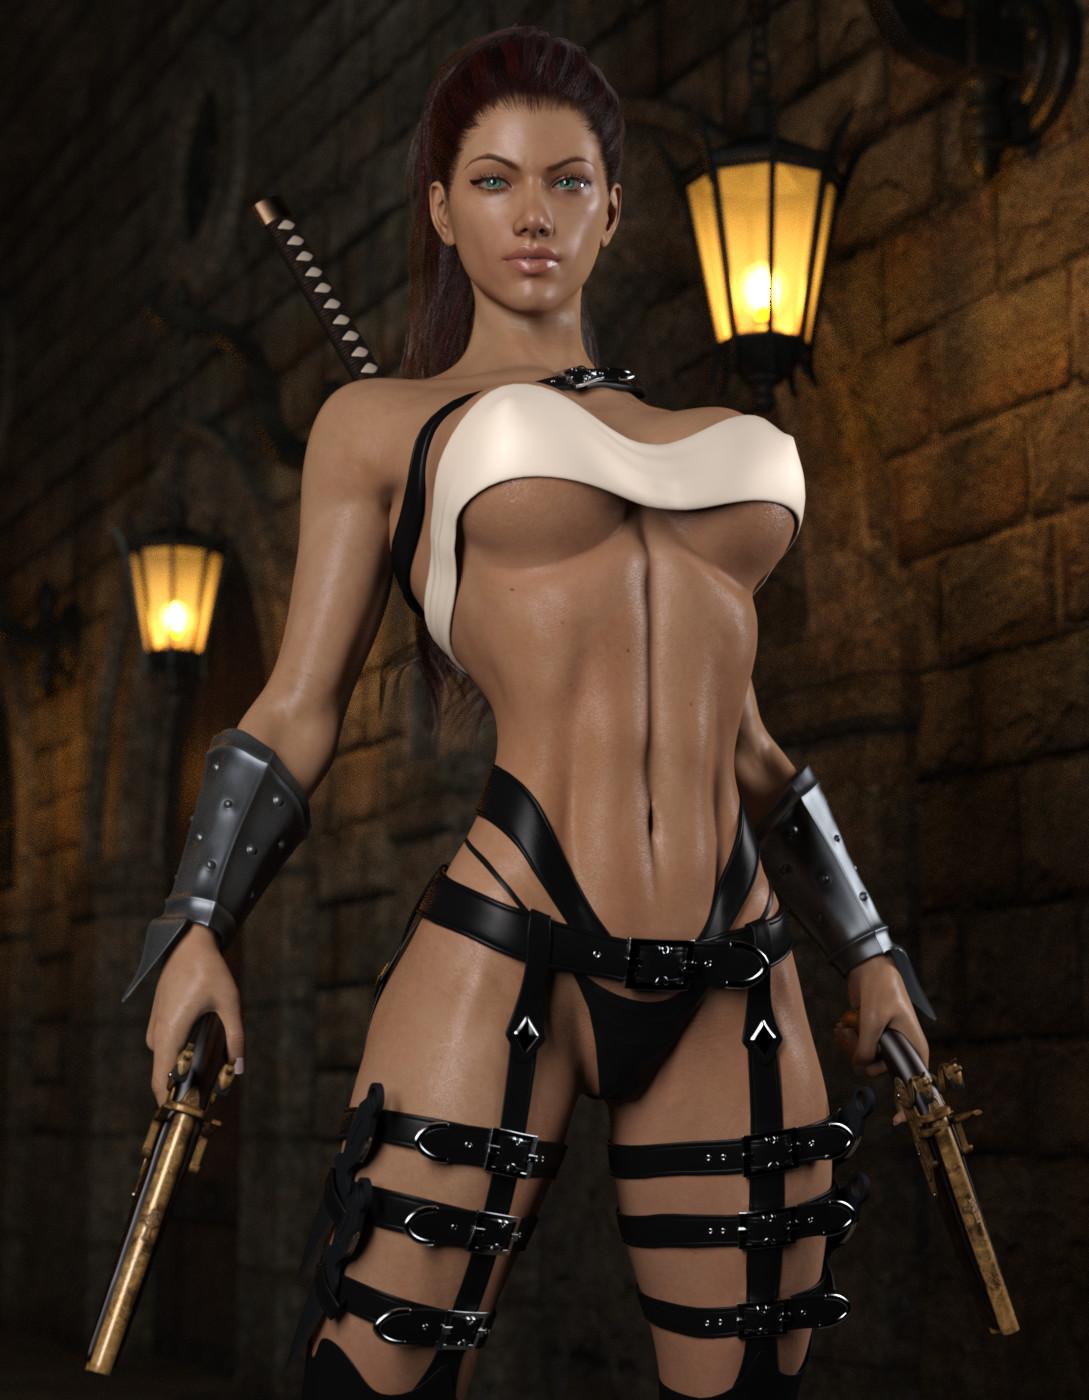 3D Sexy Game artstation - kasta - assassin (update), str4hl 3d